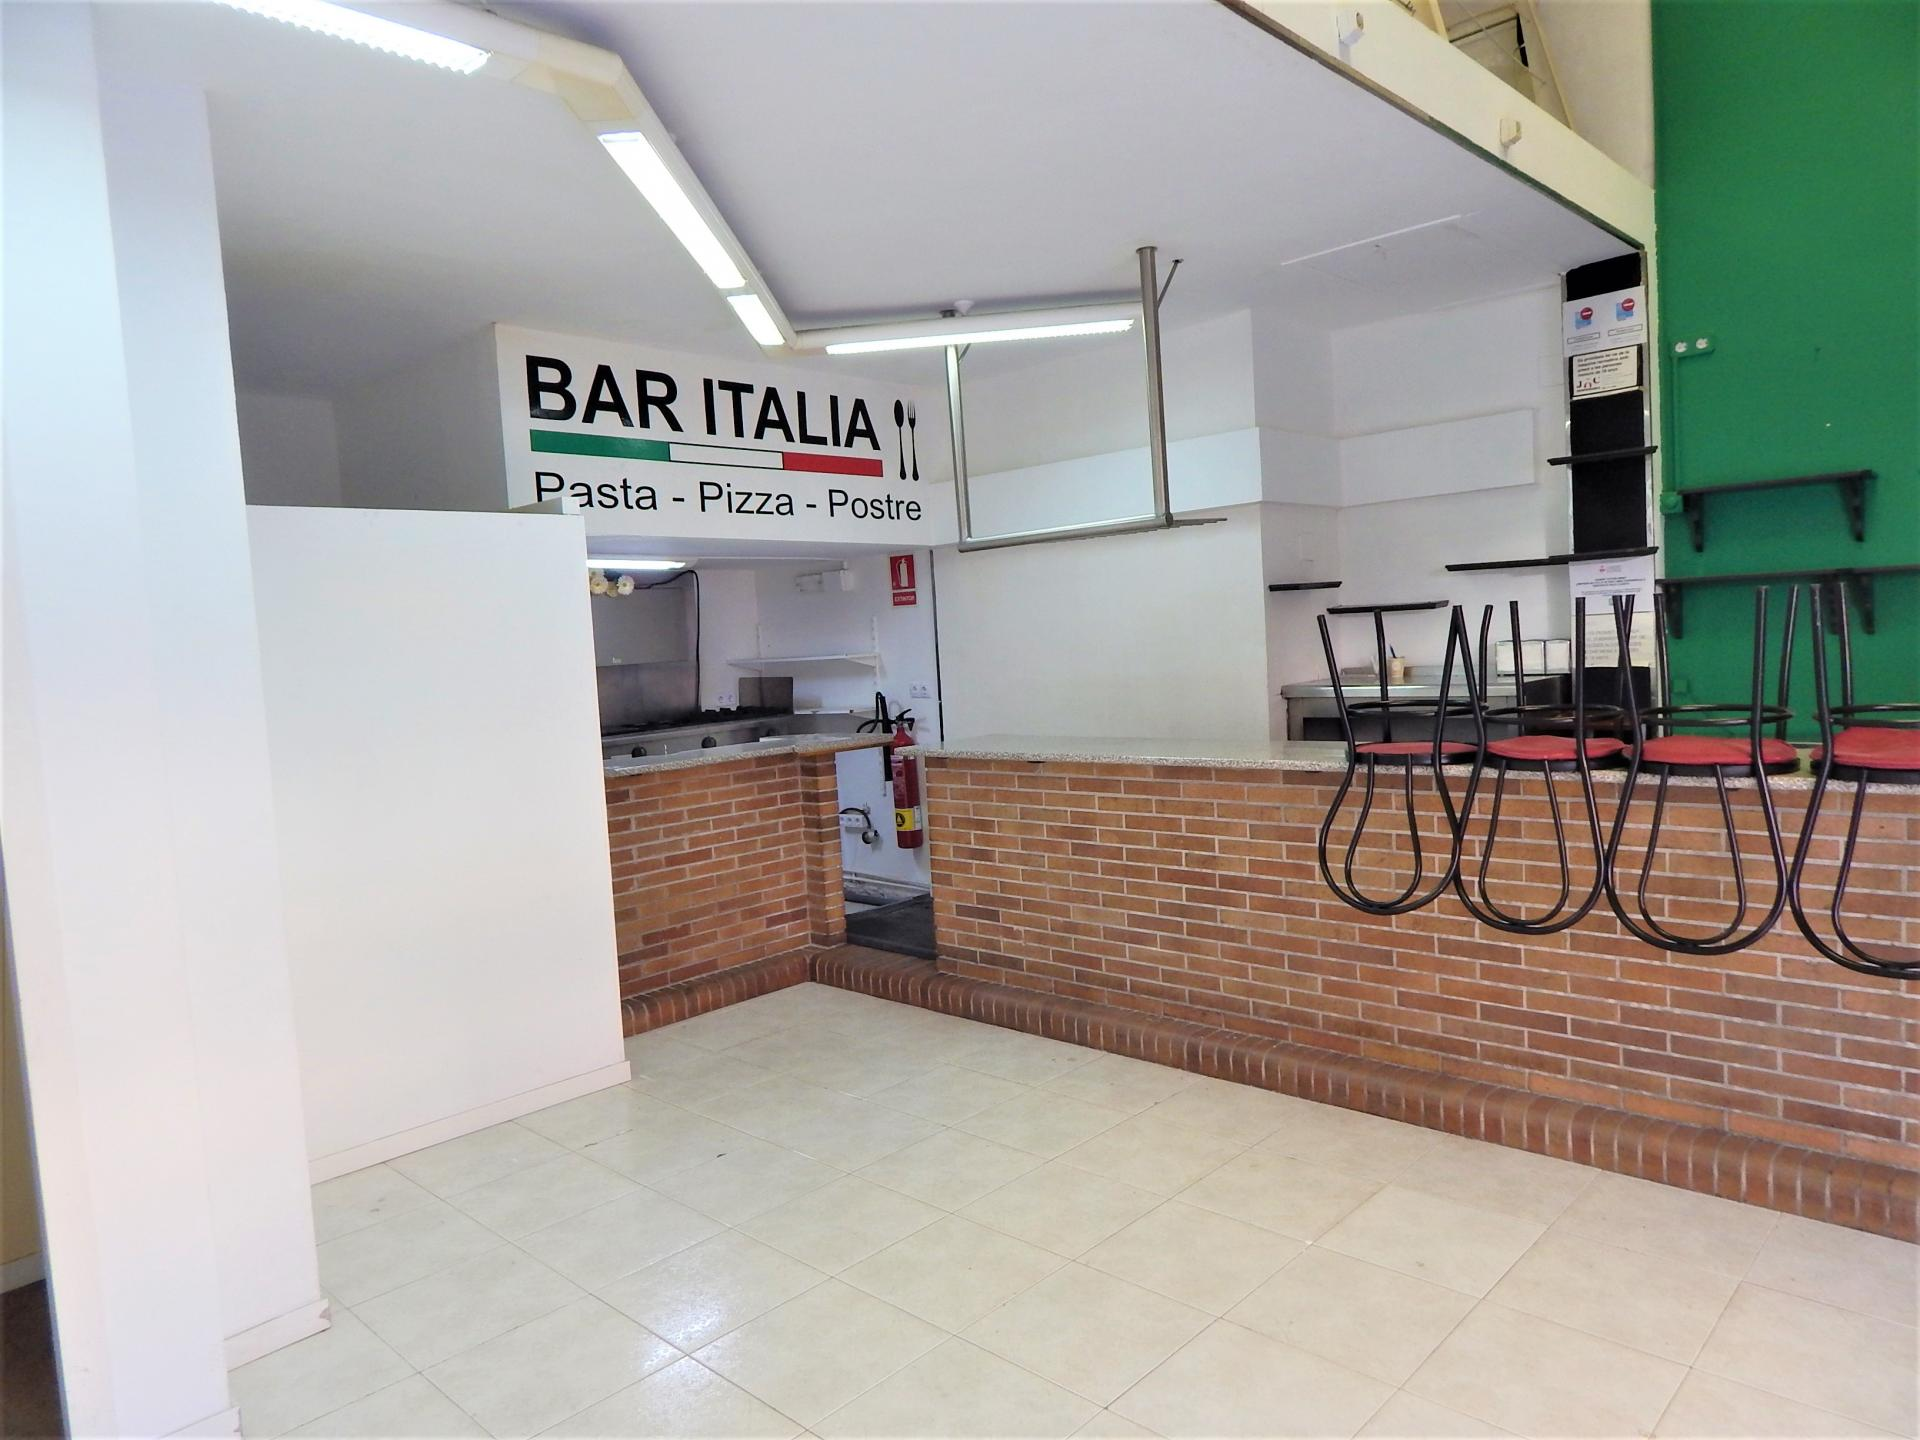 Foto 1 (V-723-2021) - Inmueble en  Venda a L'Espirall, Calle SALVADOR SEGUÍ, 33, Vilafranca del Penedès